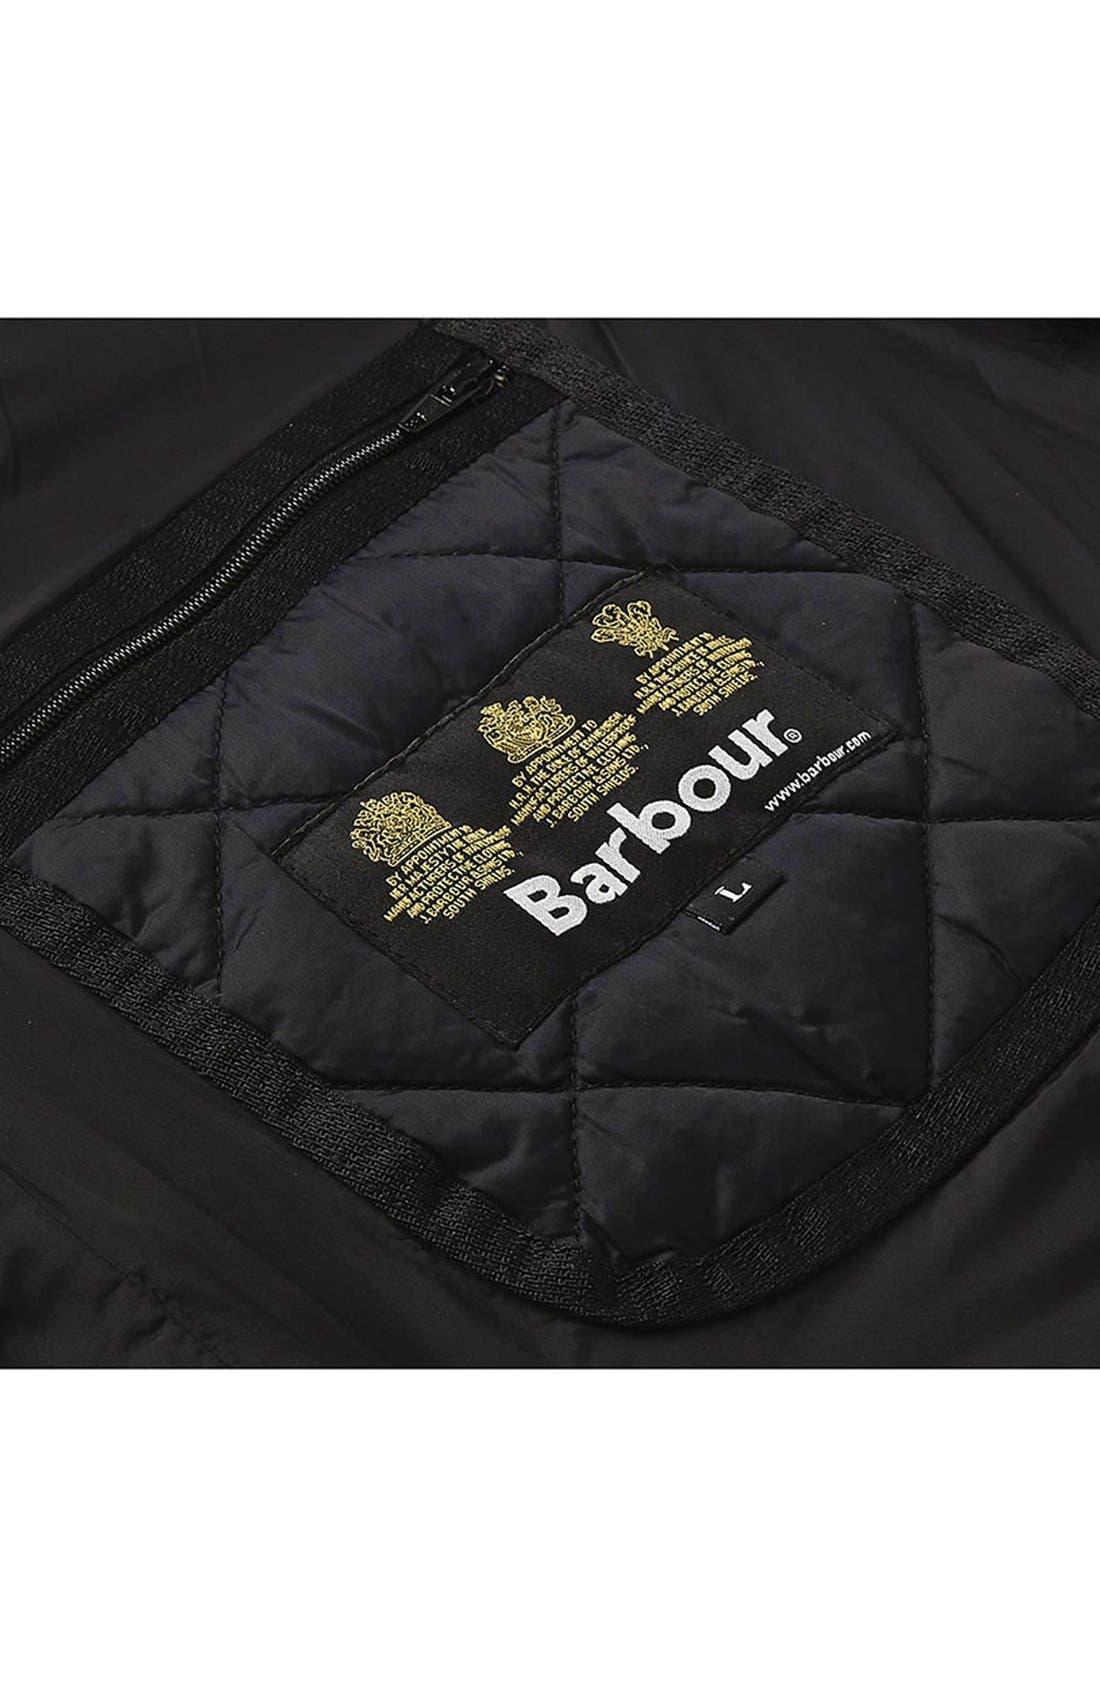 'Akenside' Regular Fit Quilted Jacket,                             Alternate thumbnail 6, color,                             Black